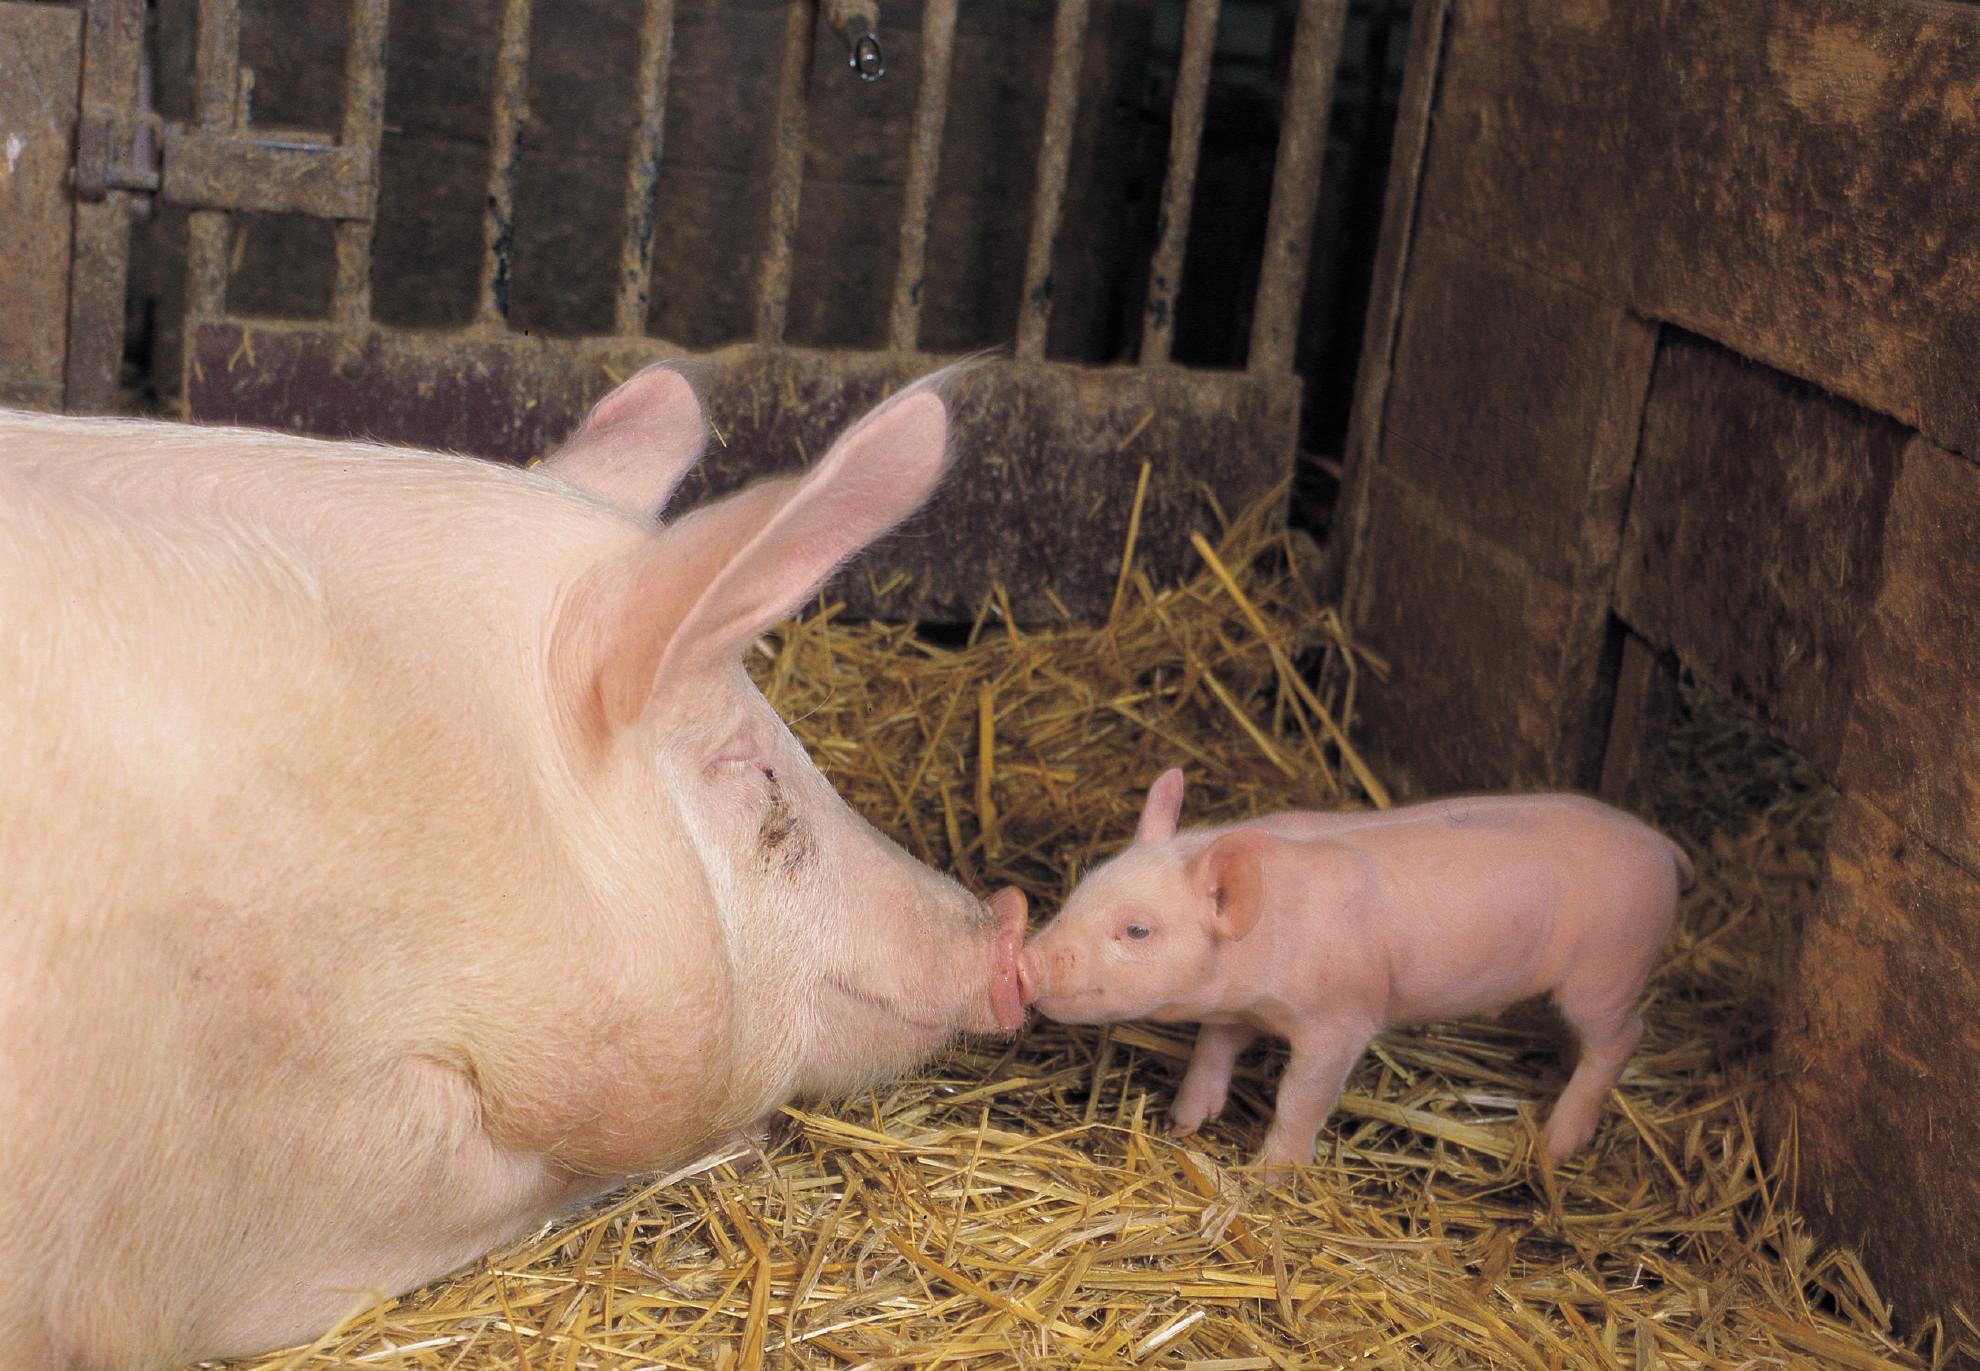 Les porcs ont des besoins fondamentaux à respecter